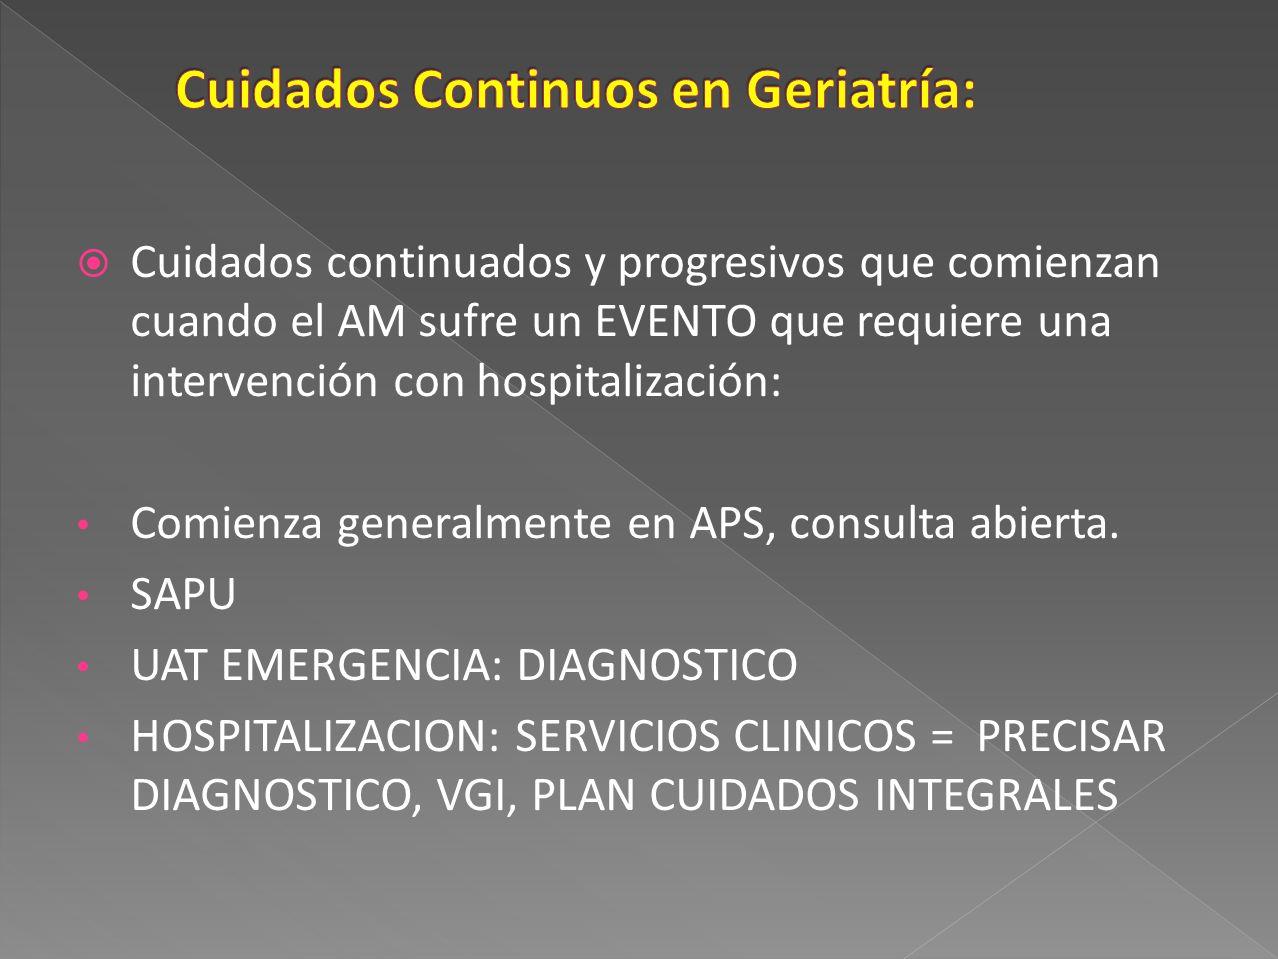 Cuidados continuados y progresivos que comienzan cuando el AM sufre un EVENTO que requiere una intervención con hospitalización: Comienza generalmente